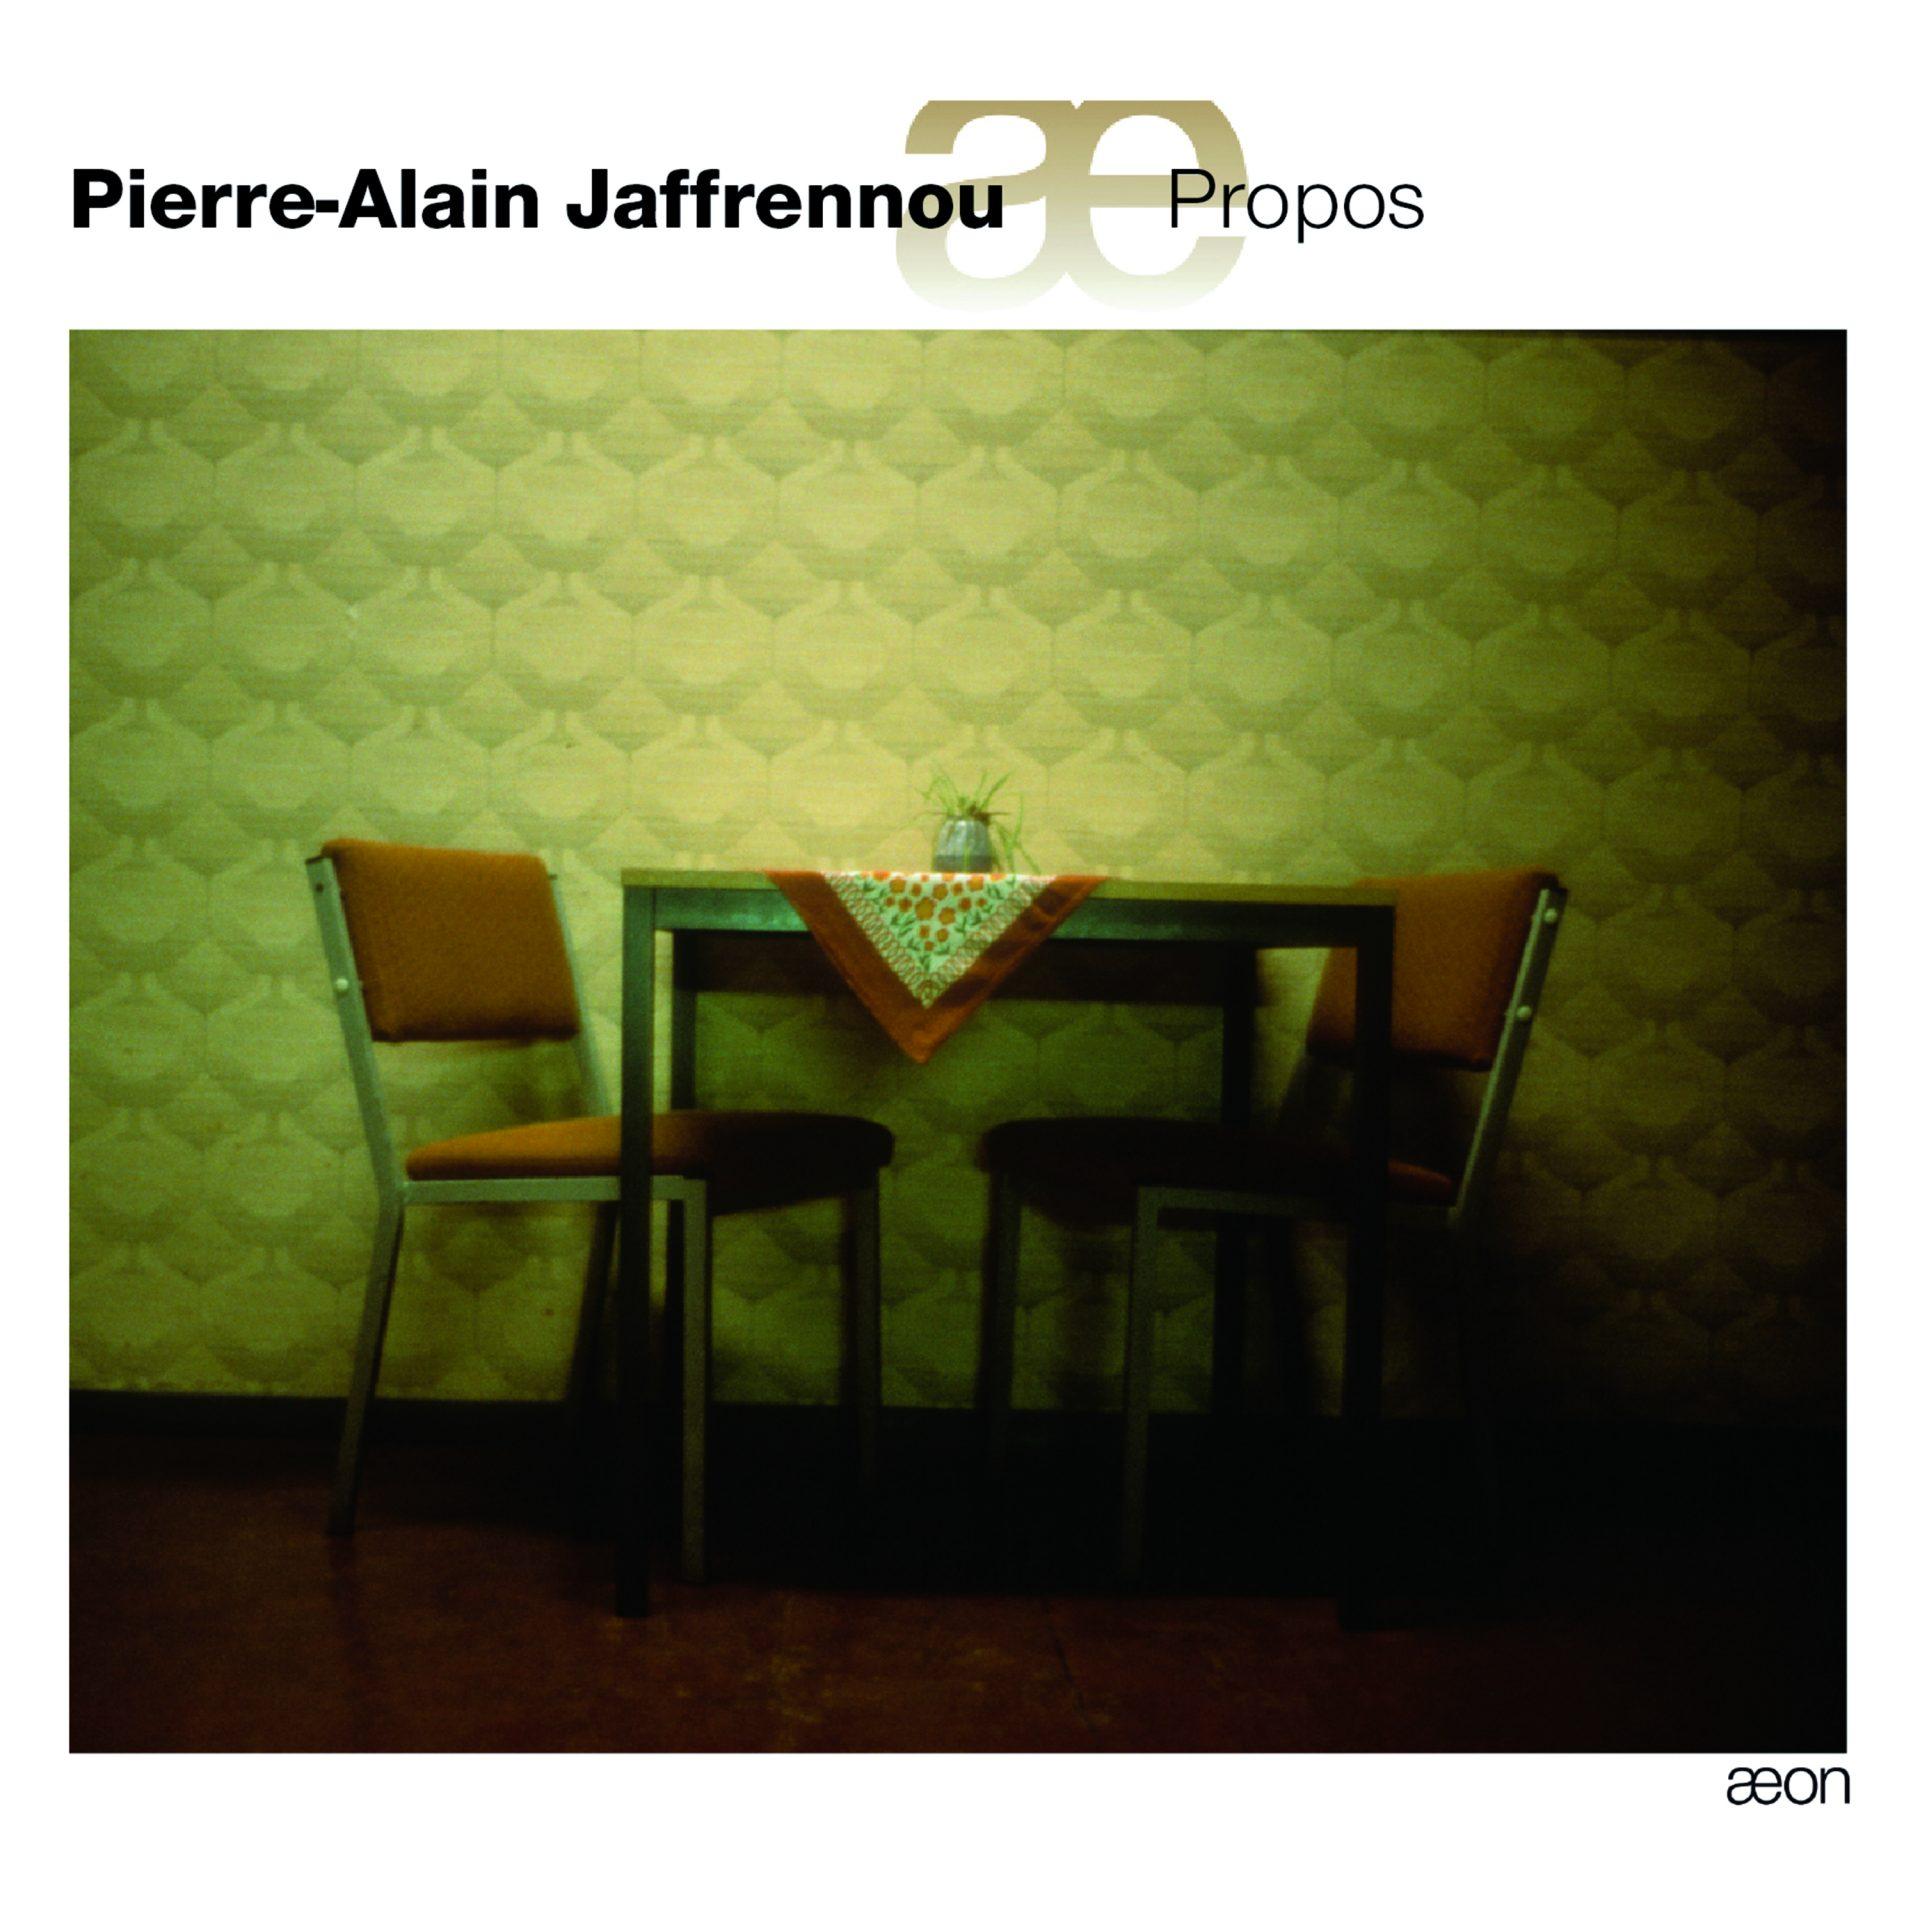 Pierre-Alain Jaffrennou - Propos